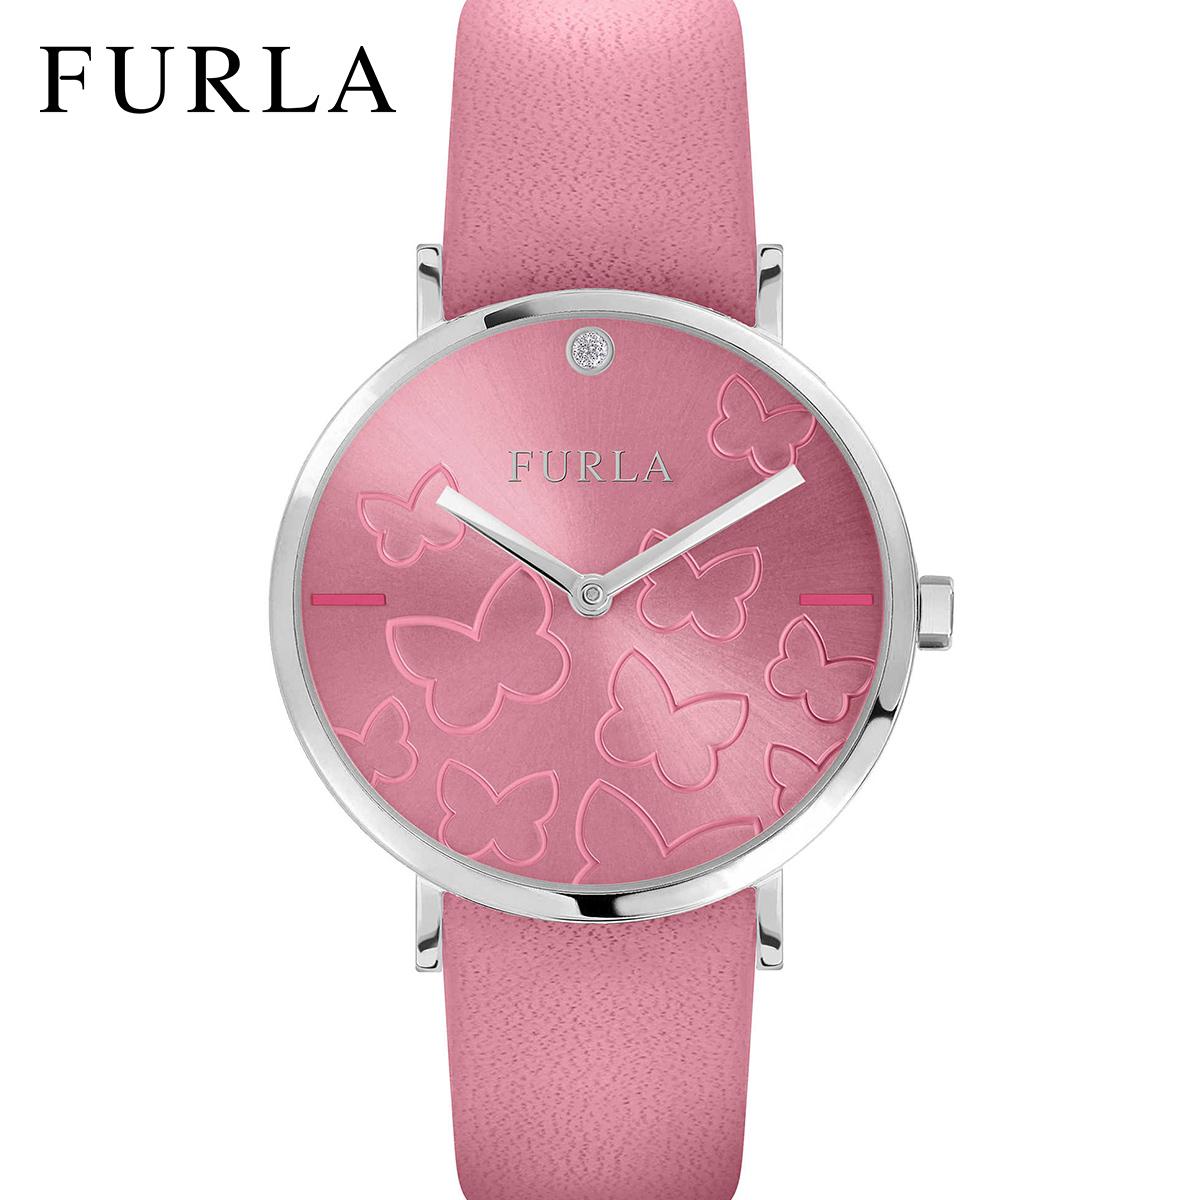 【全品送料無料】 フルラ FURLA Giada ジャーダ バタフライ R4251113507 レディース 時計 腕時計 クオーツ